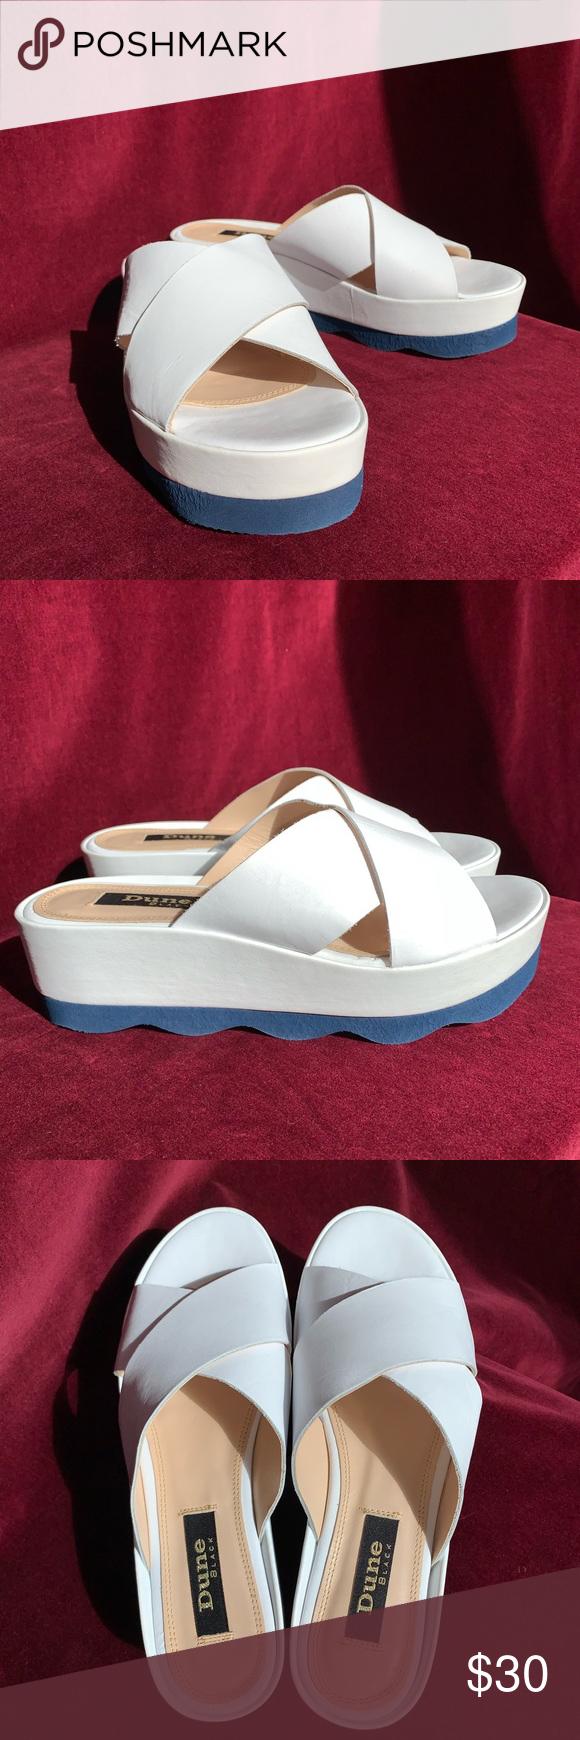 Dune White \u0026 Navy Blue Sandals   Navy